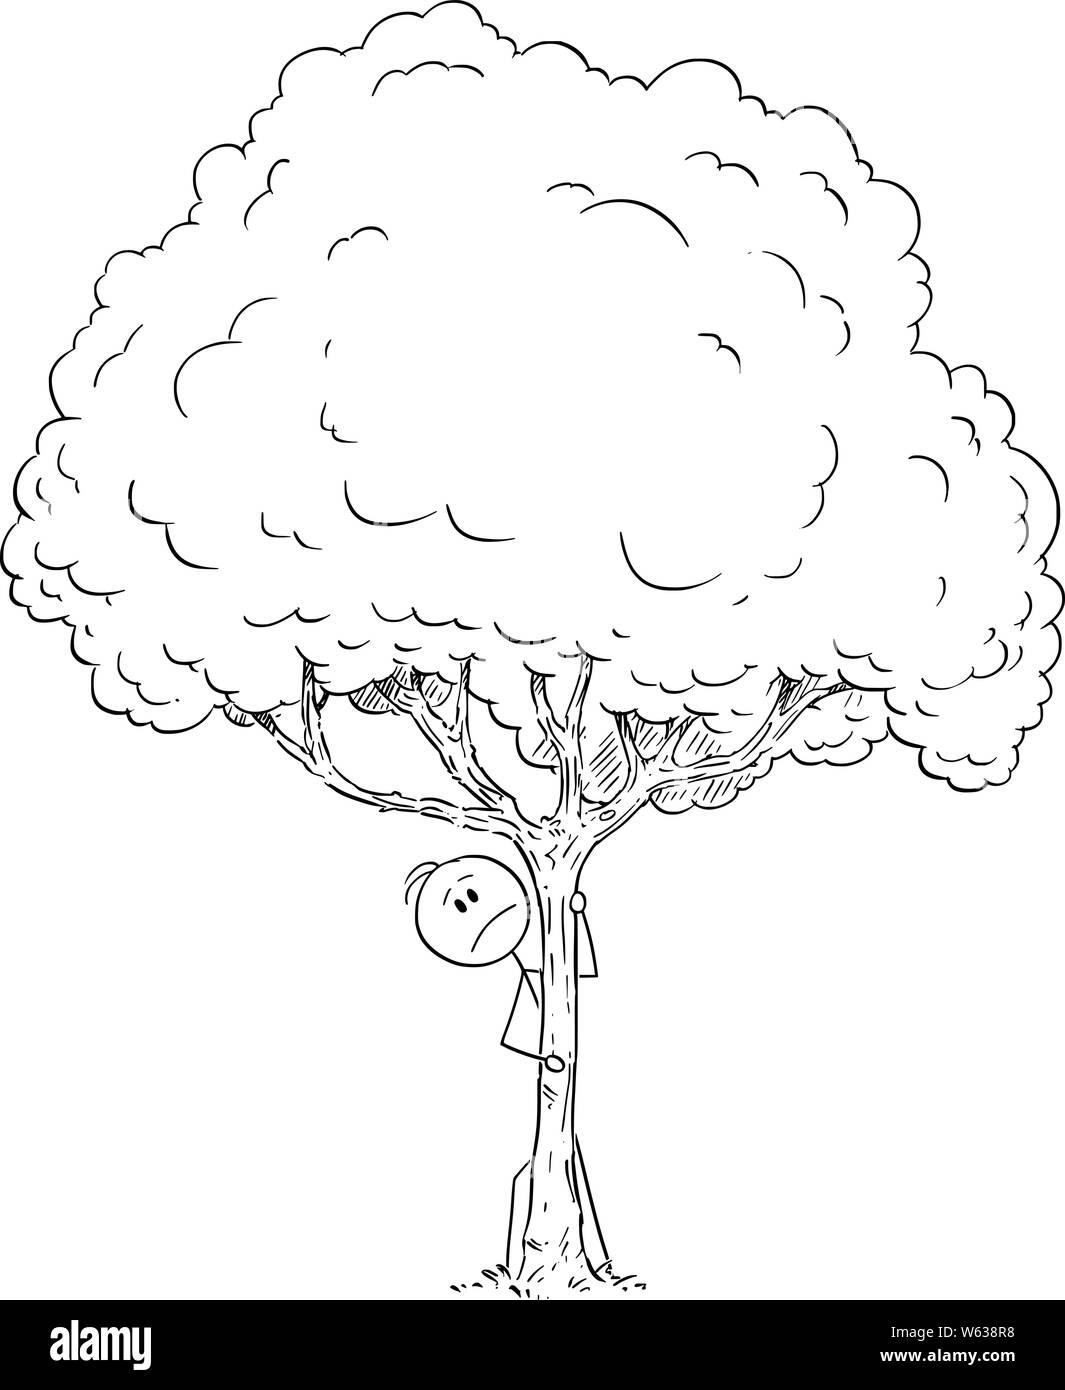 Vector cartoon stick figure dessin illustration conceptuelle de peur ou de l'inquiétude ou de peur ou de se cacher derrière l'homme curieux arbre. Illustration de Vecteur